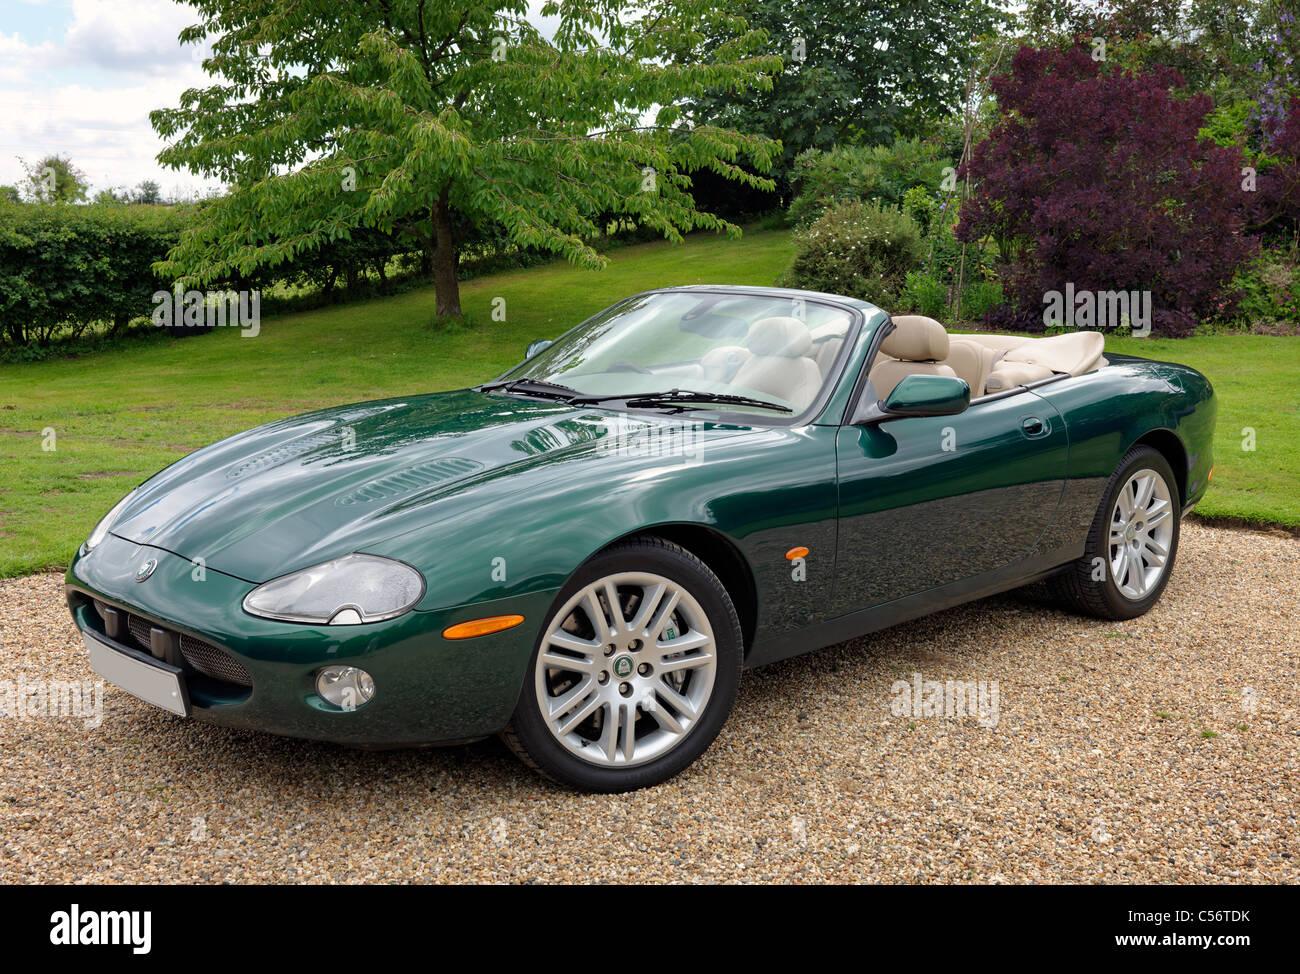 Jaguar XKR Cabrio, Modell 2003 Sportjahr. Kfz-Kennzeichen anonymisiert. Stockbild